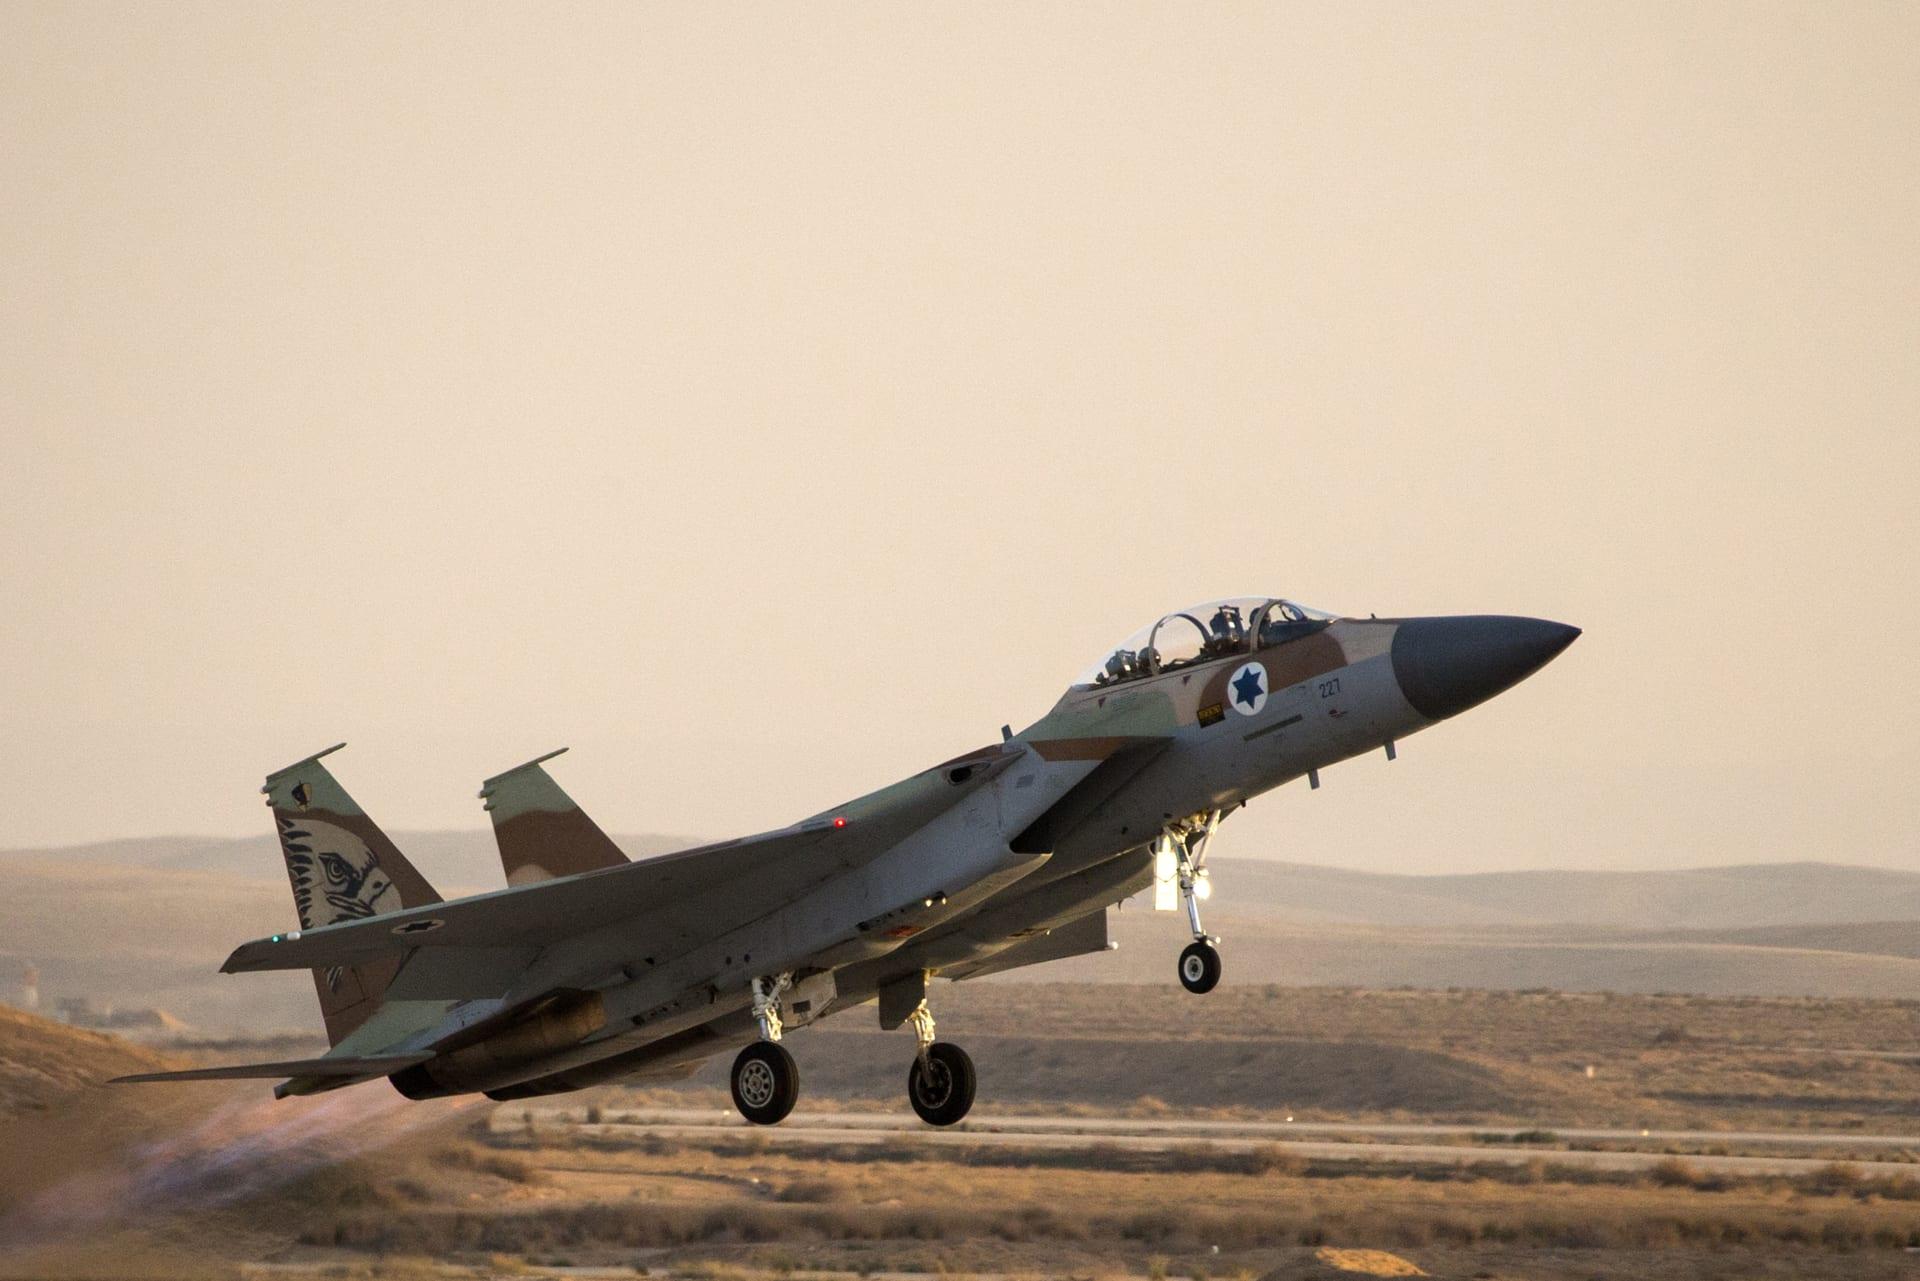 وسائل إعلام سورية: طائرات إسرائيلية تشن هجوما على موقع عسكري قرب دمشق